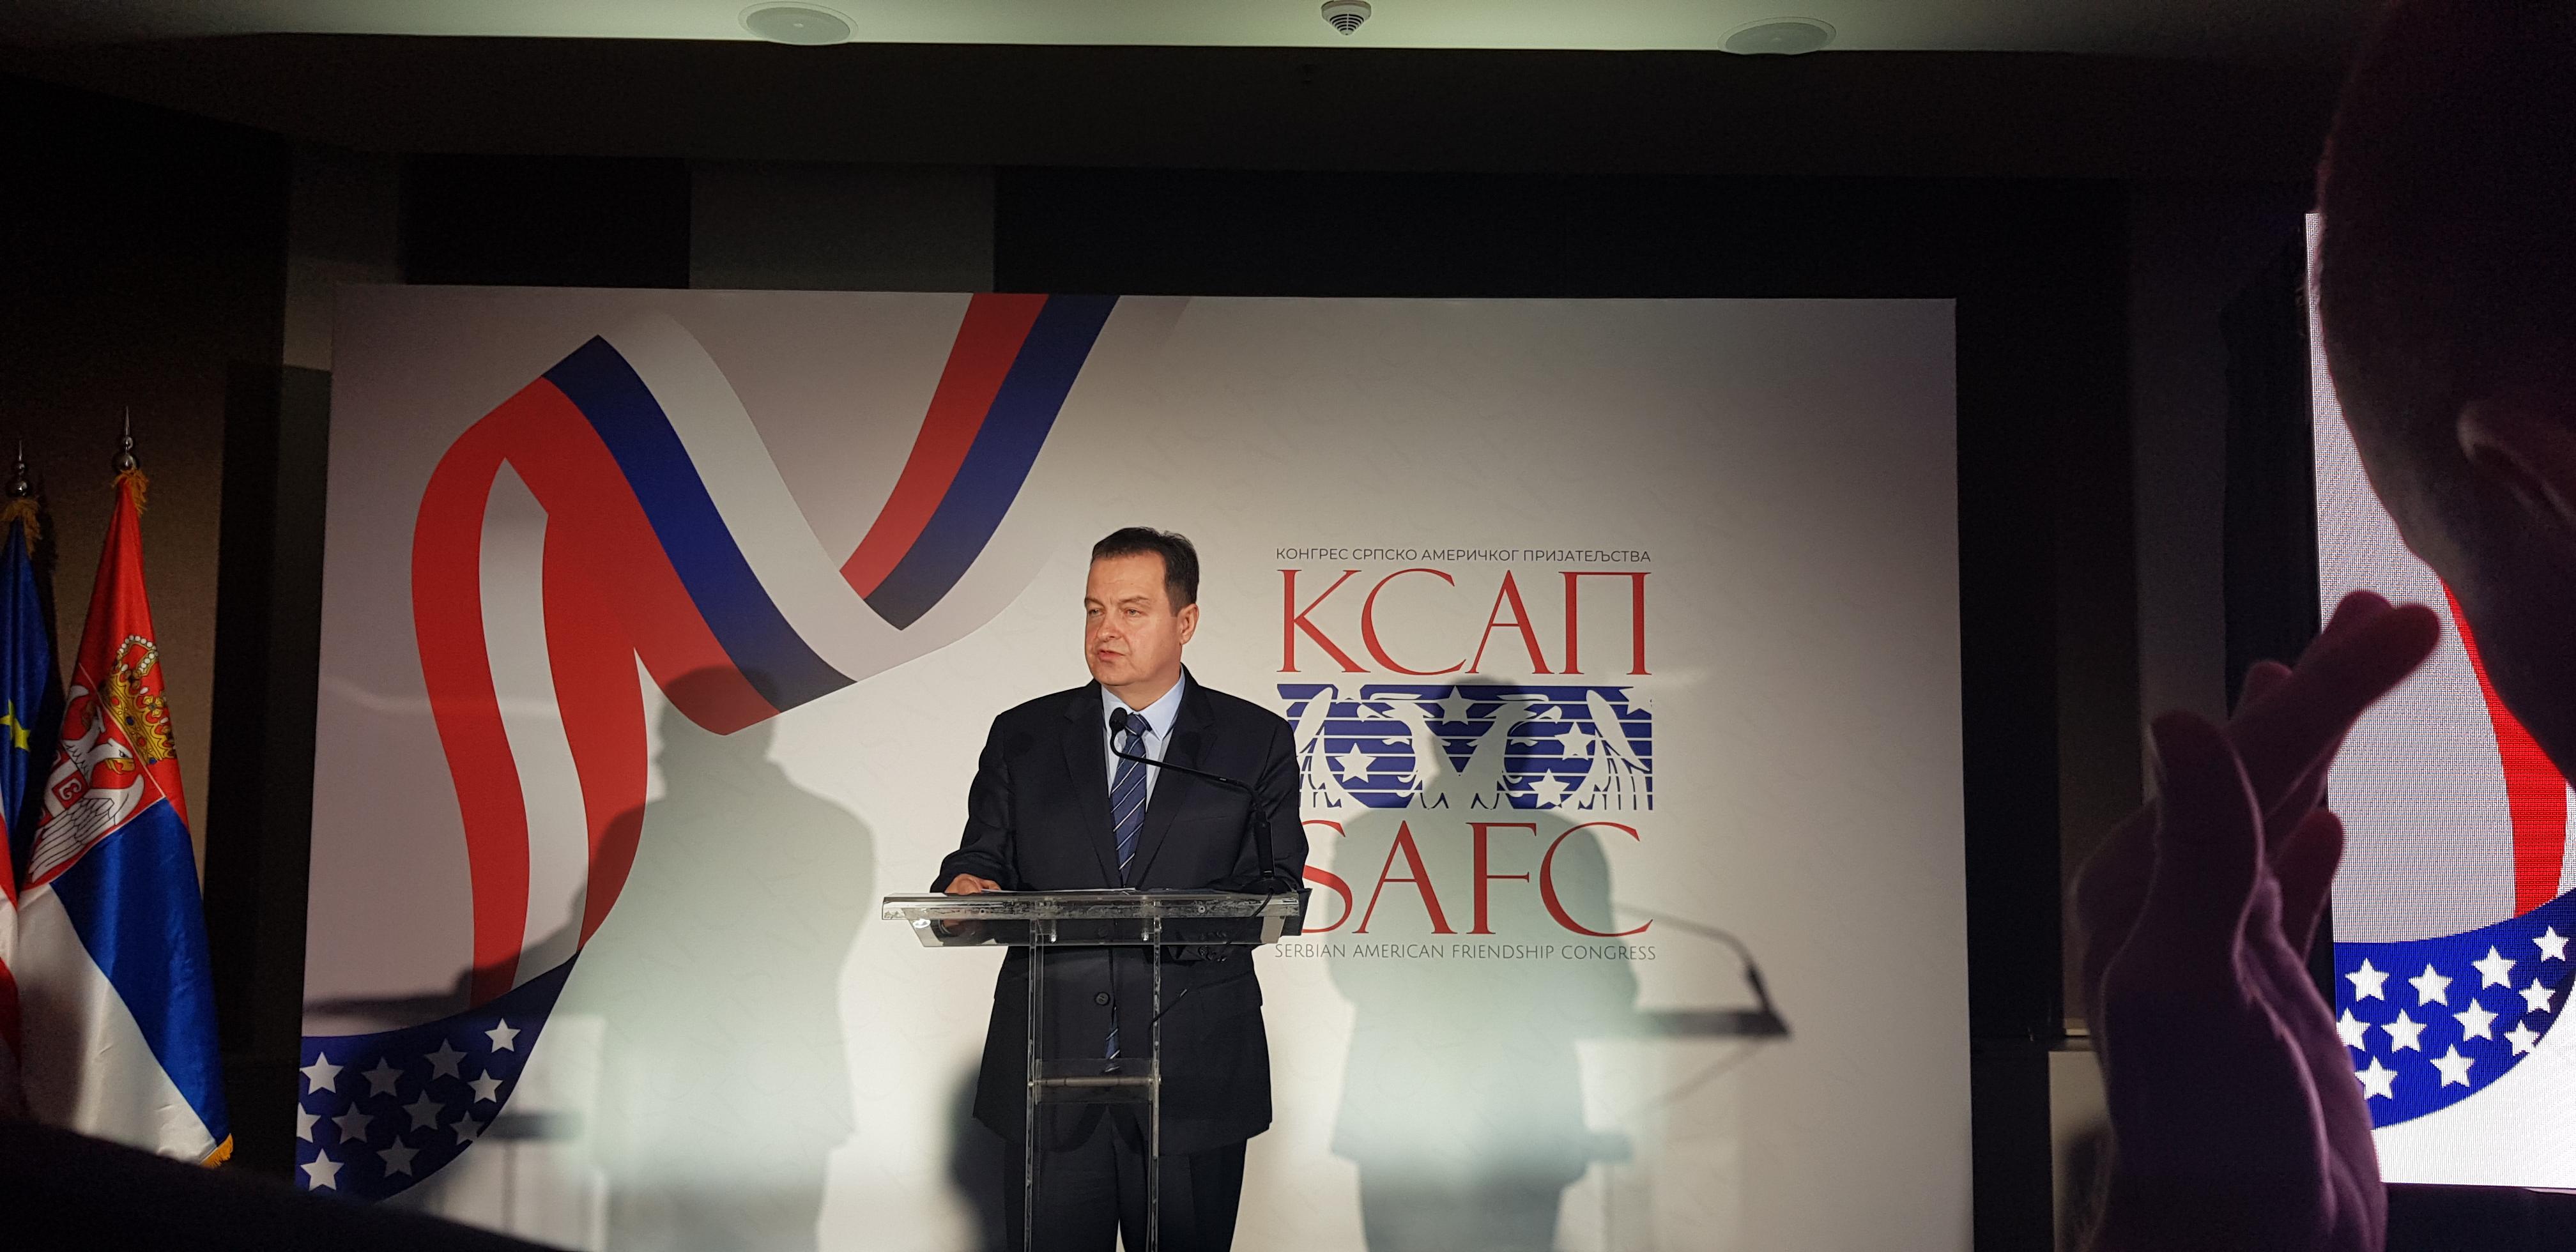 Dačić: Odnosi Srbije i SAD imaju dugu tradiciju i bogatu istoriju i karakteriše ih složena dinamika